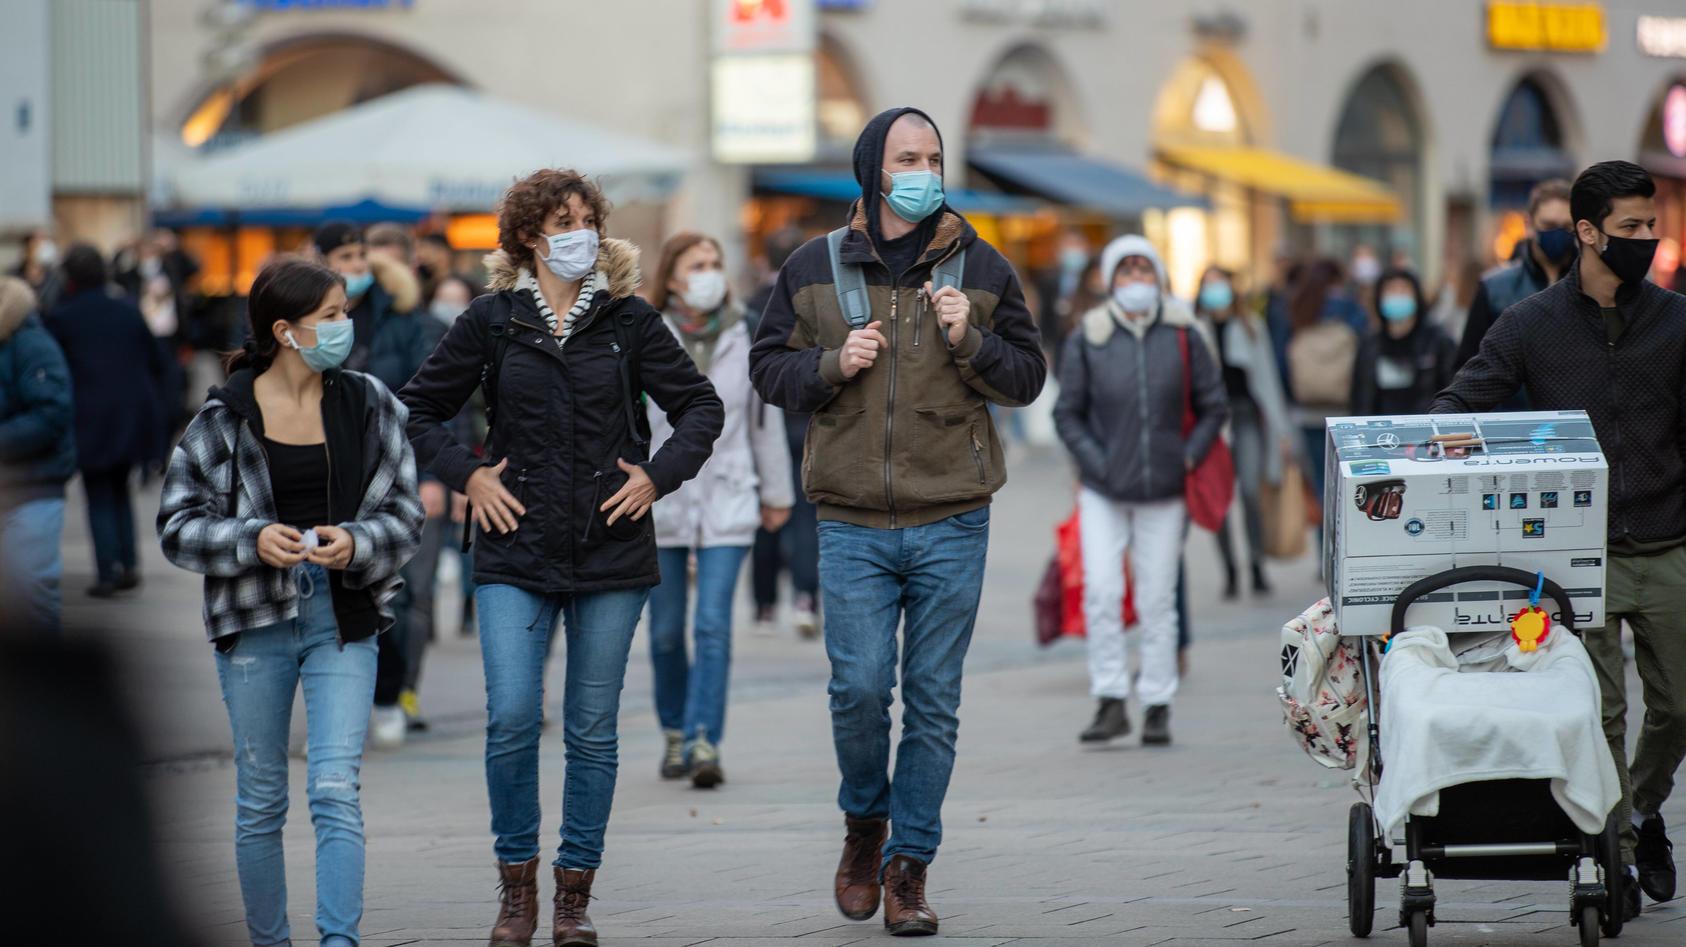 Hohe Neuinfektionen in München, Menschen unterwegs mit Masken am 24. Oktober 2020 in der vollen Fußgängerzone in Münche